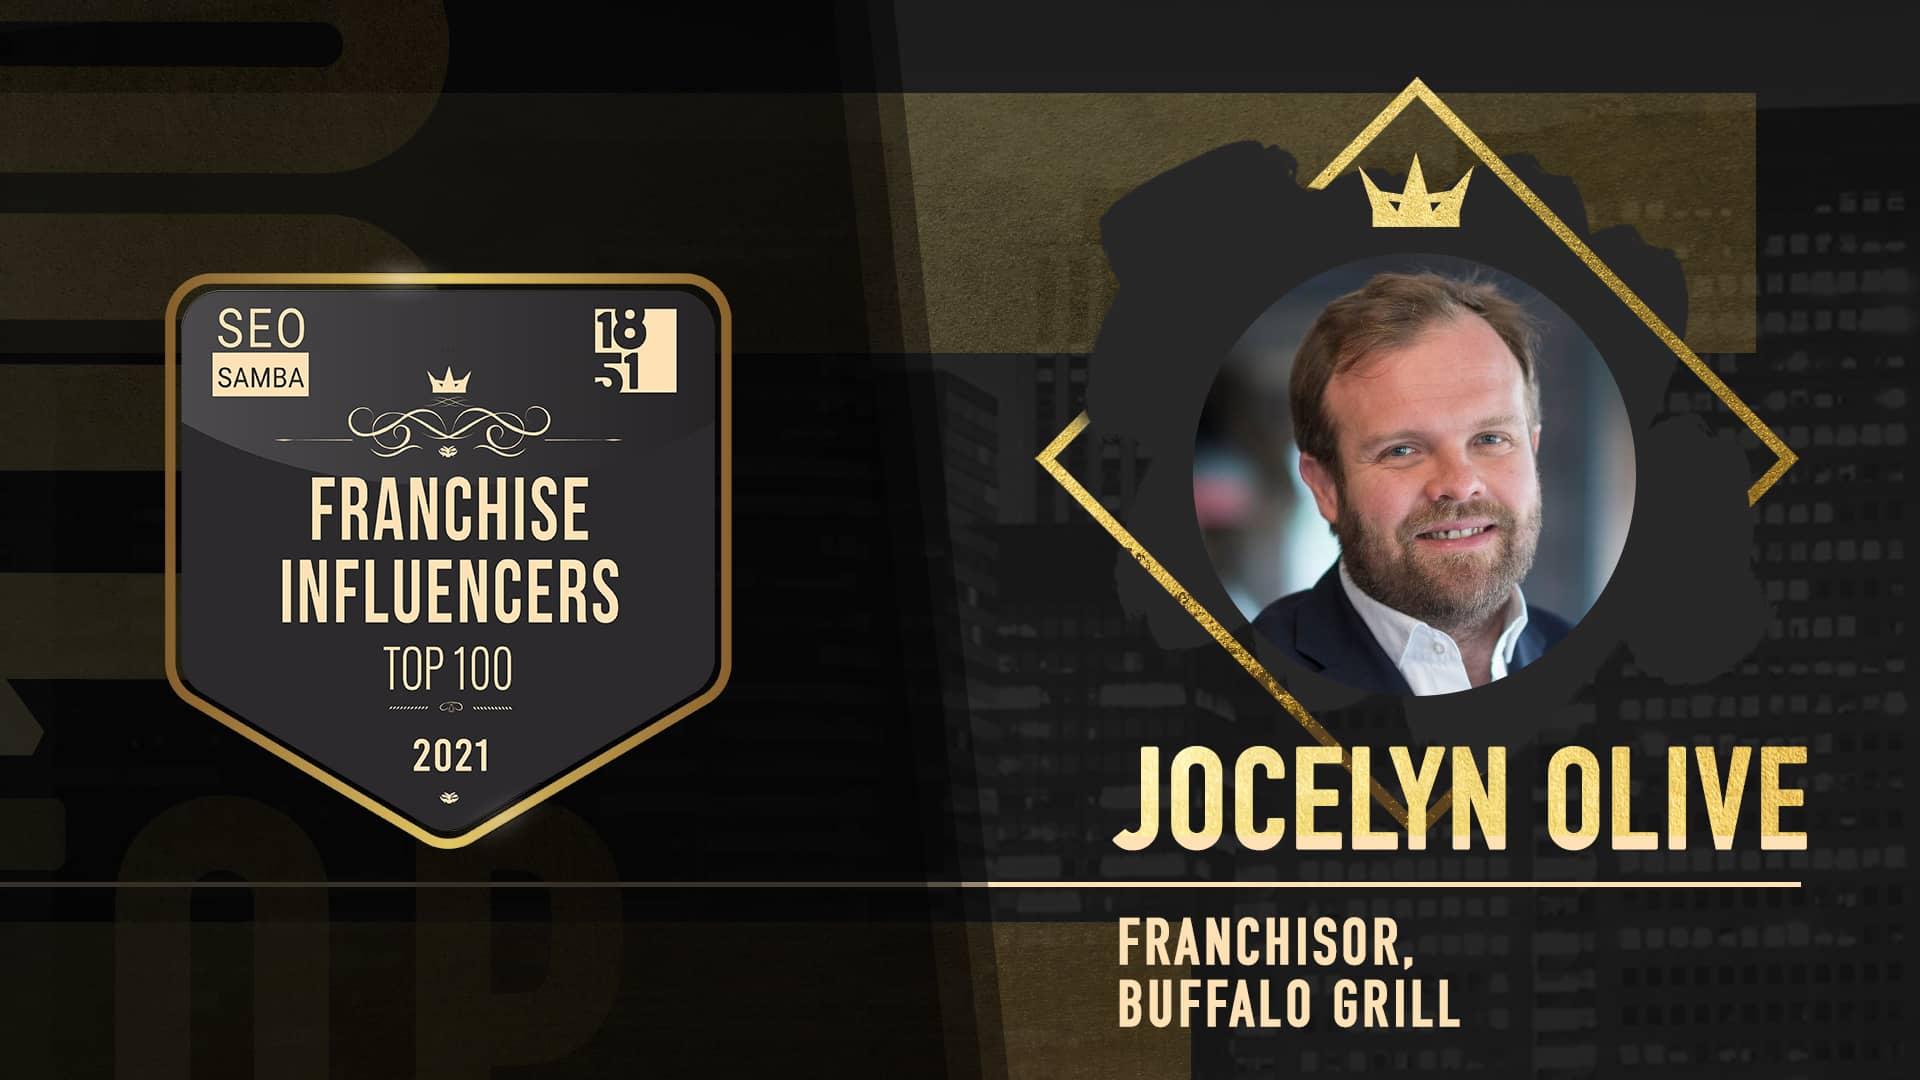 jocelyn-olive-buffalo-grill